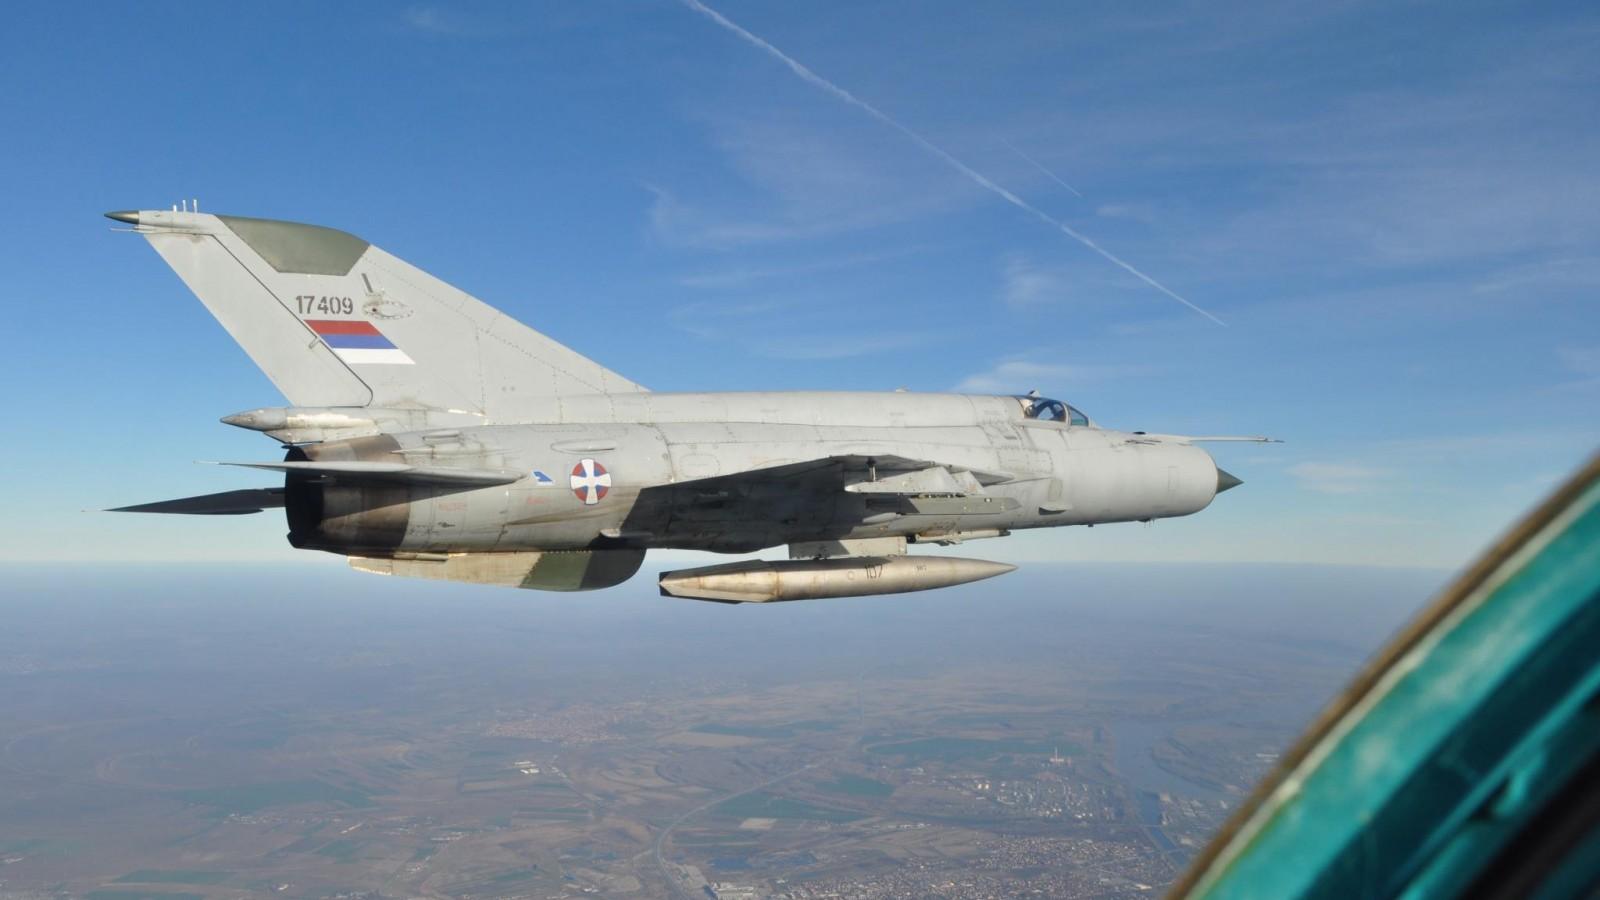 Istorija domaće upotrebe lovca-presretača MiG-21